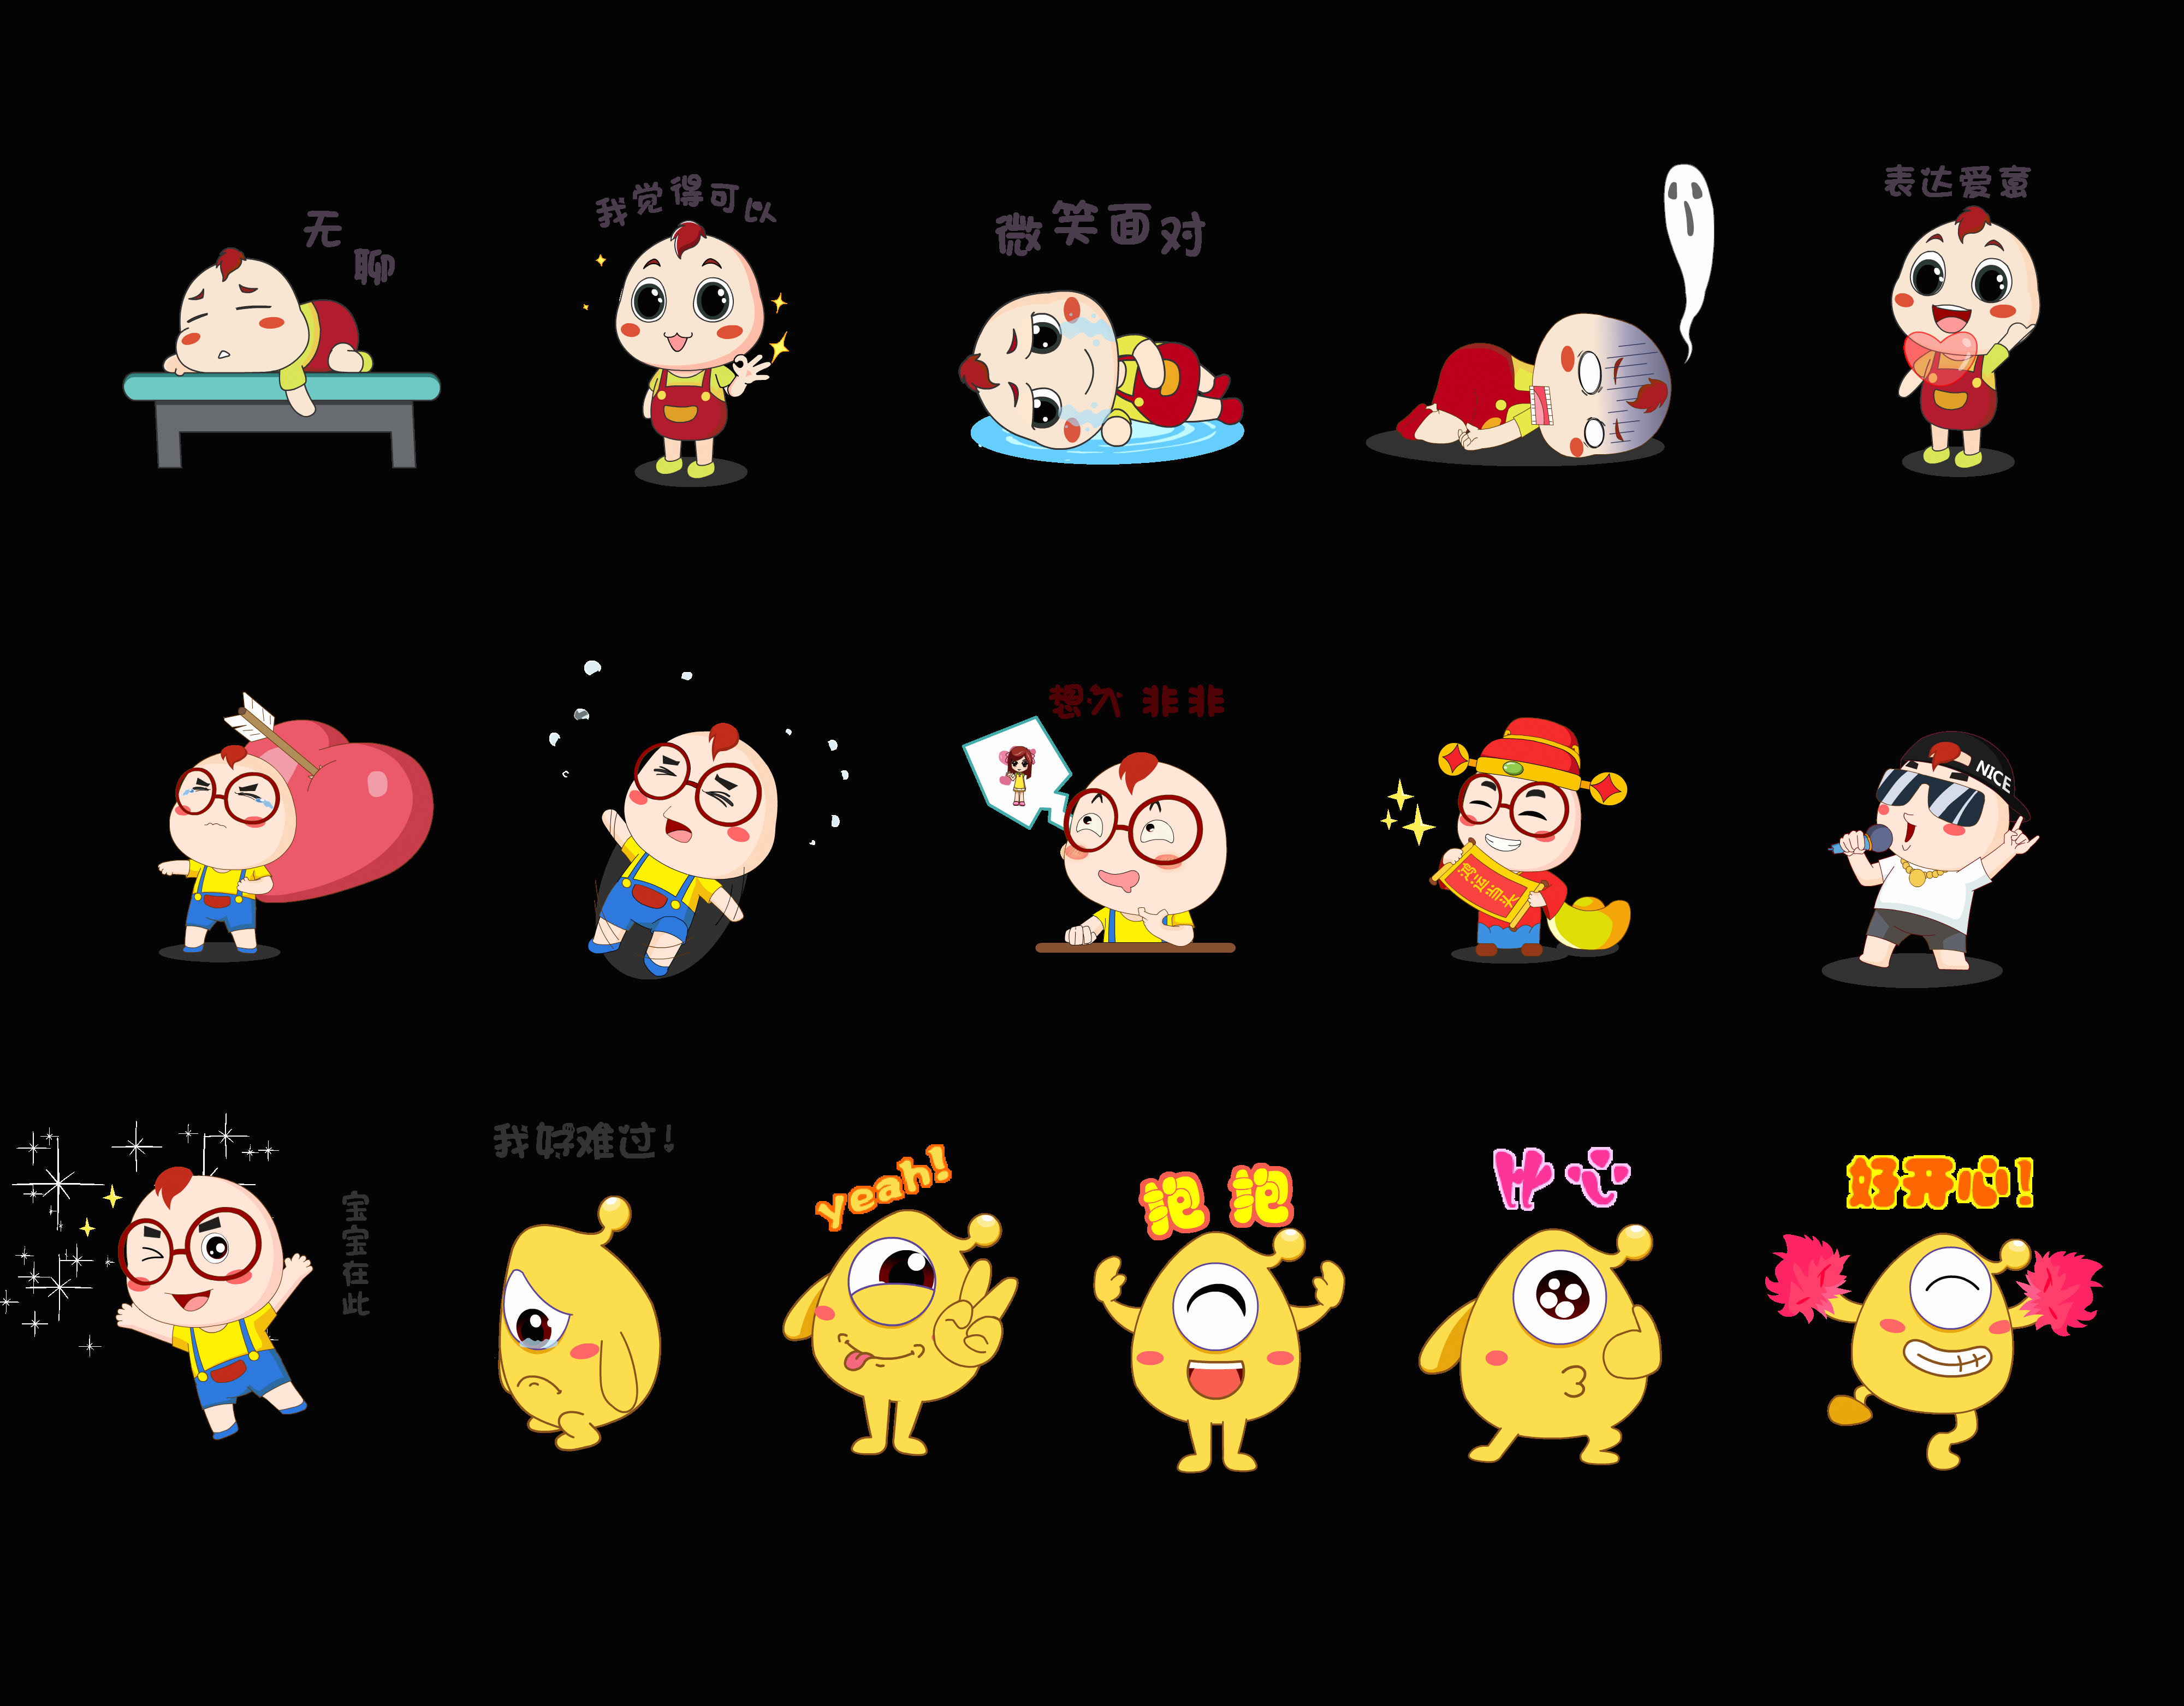 长沙卡通形象插画漫画吉祥物设计微信表情包公众号营销漫画条漫